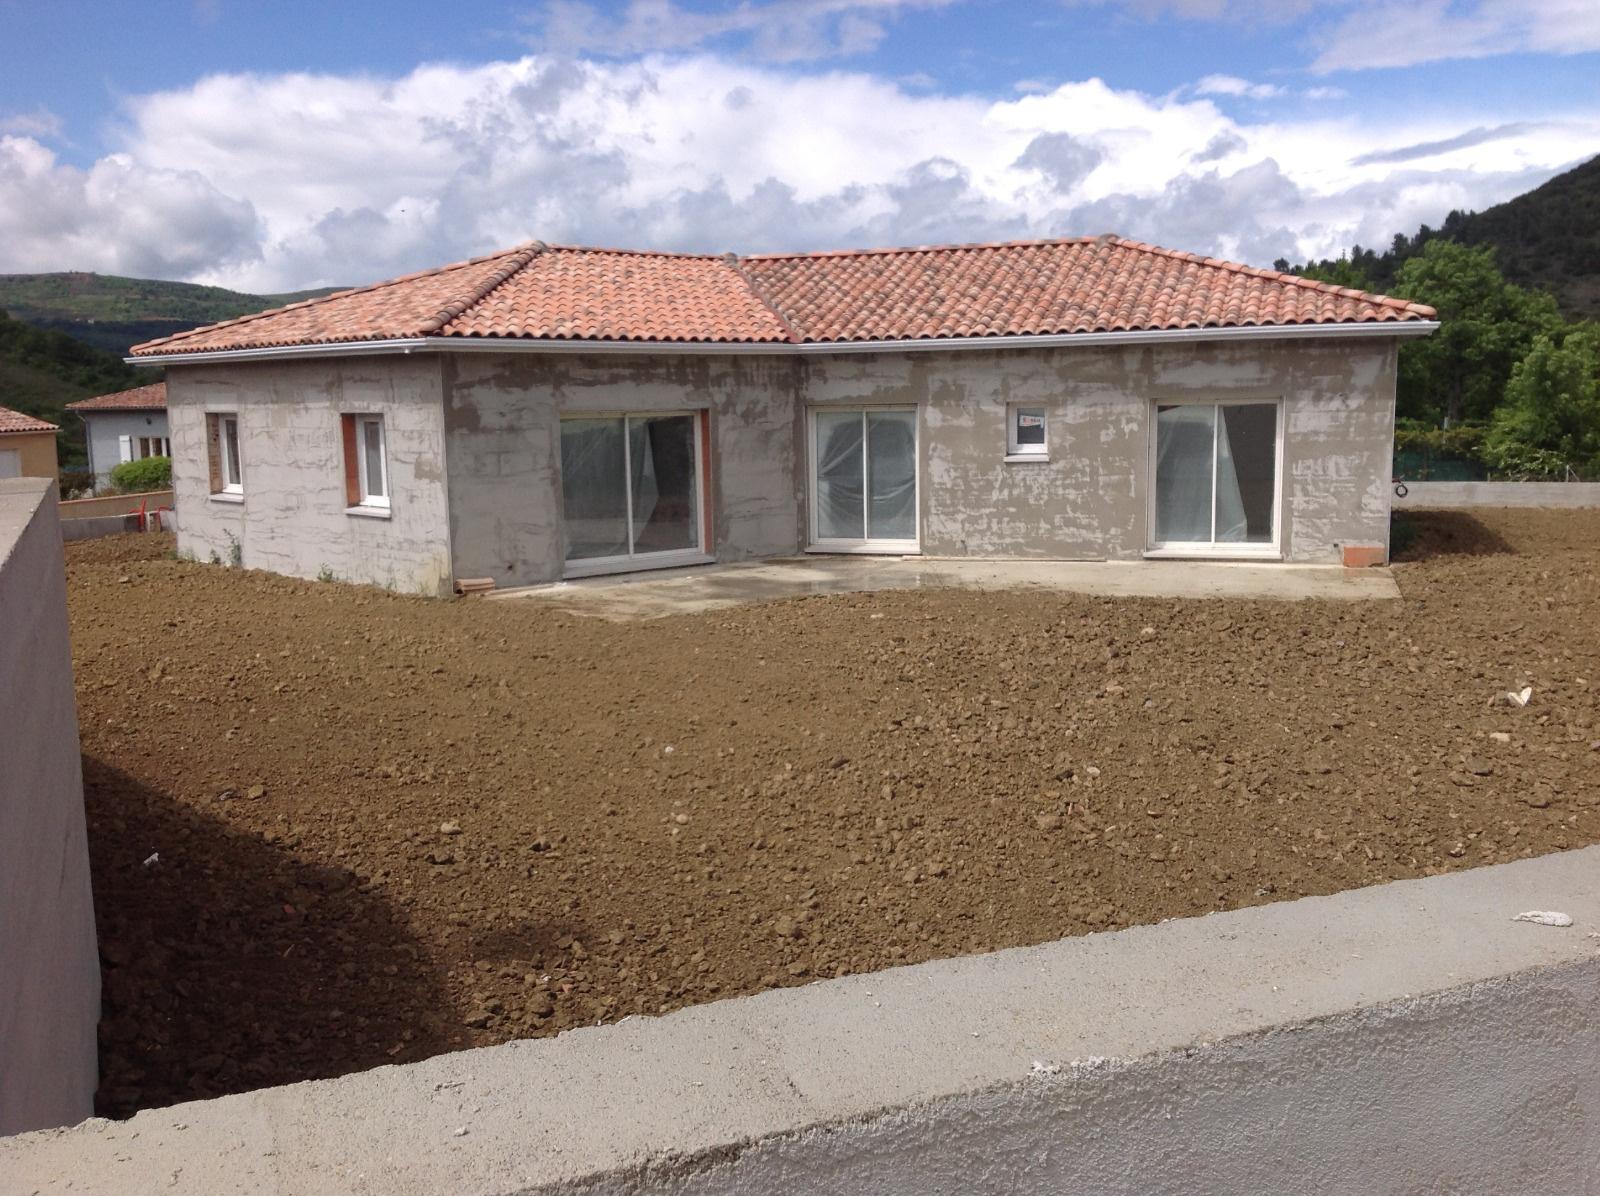 vente immobilier carcassonne appartements maisons studios